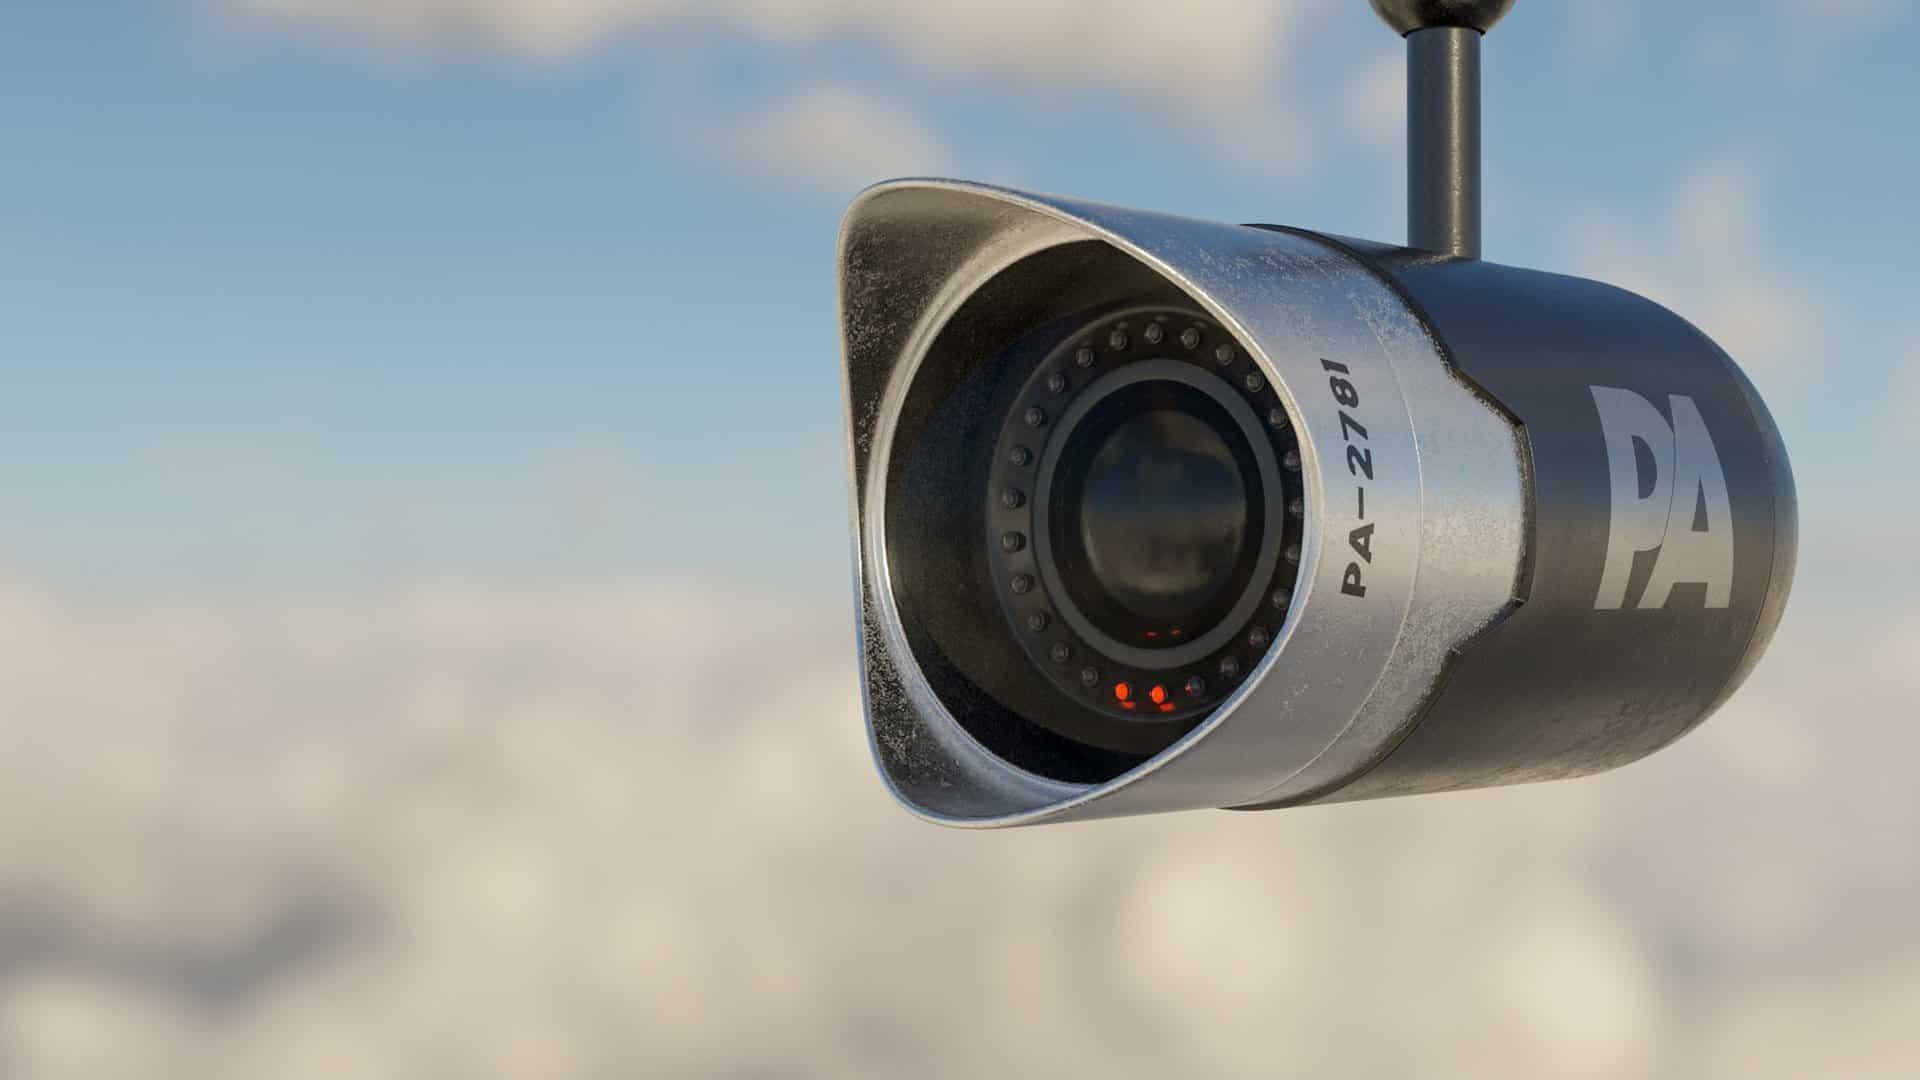 Système de vidéosurveillance en entreprise, êtes-vous en conformité?